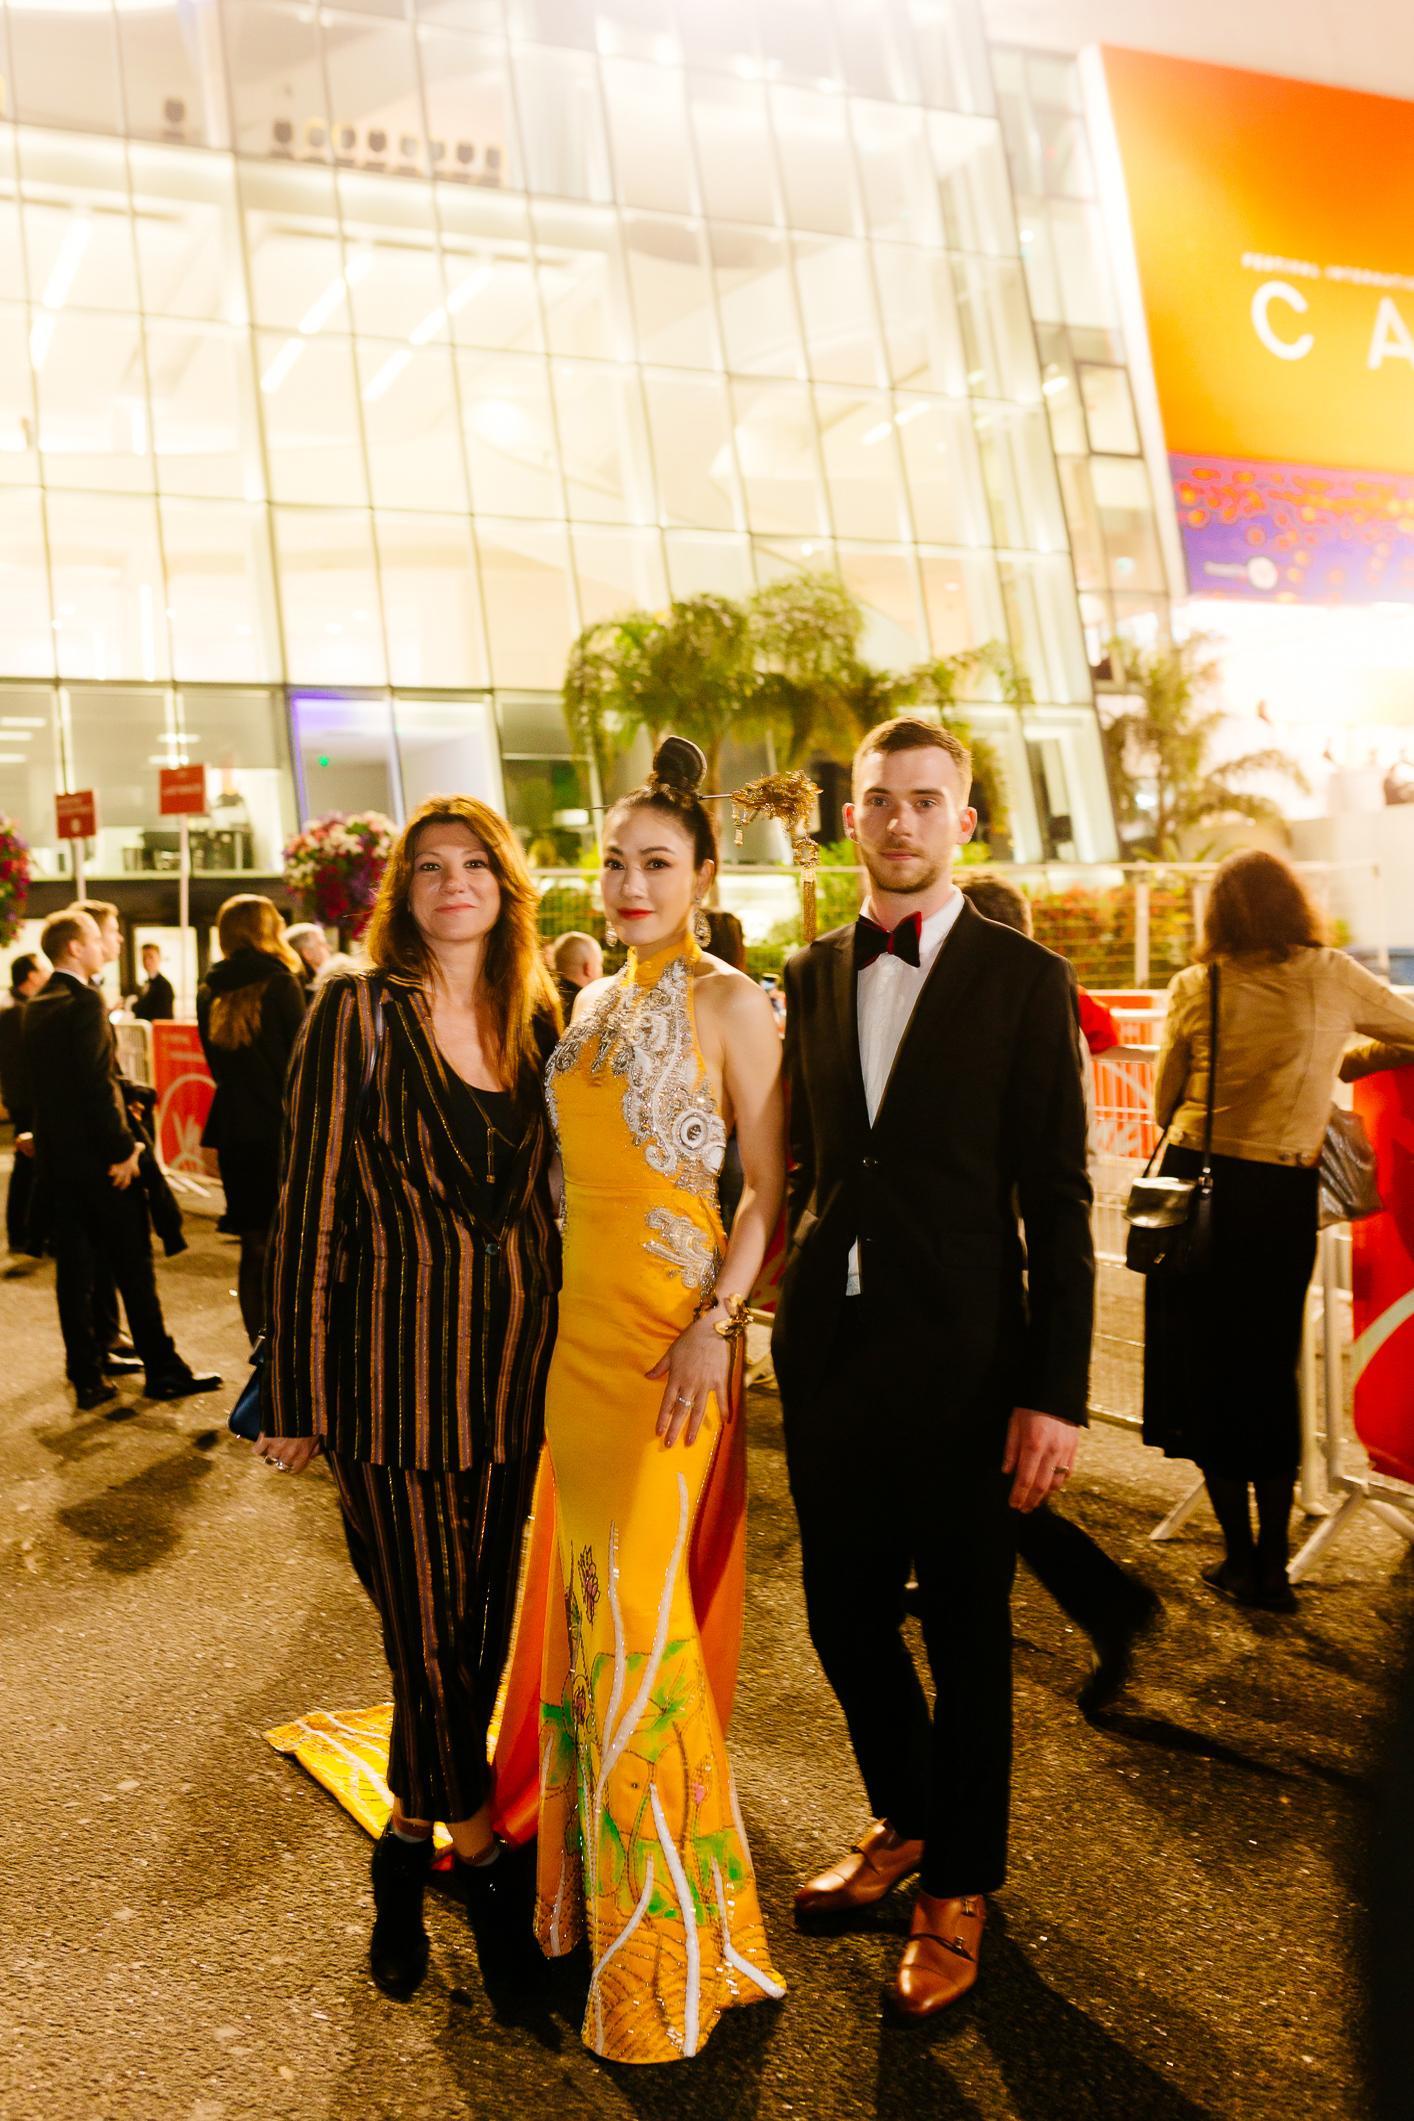 Sau Ngọc Trinh, thêm một người đẹp Việt 'náo loạn' thảm đỏ Cannes 2019 Ảnh 10